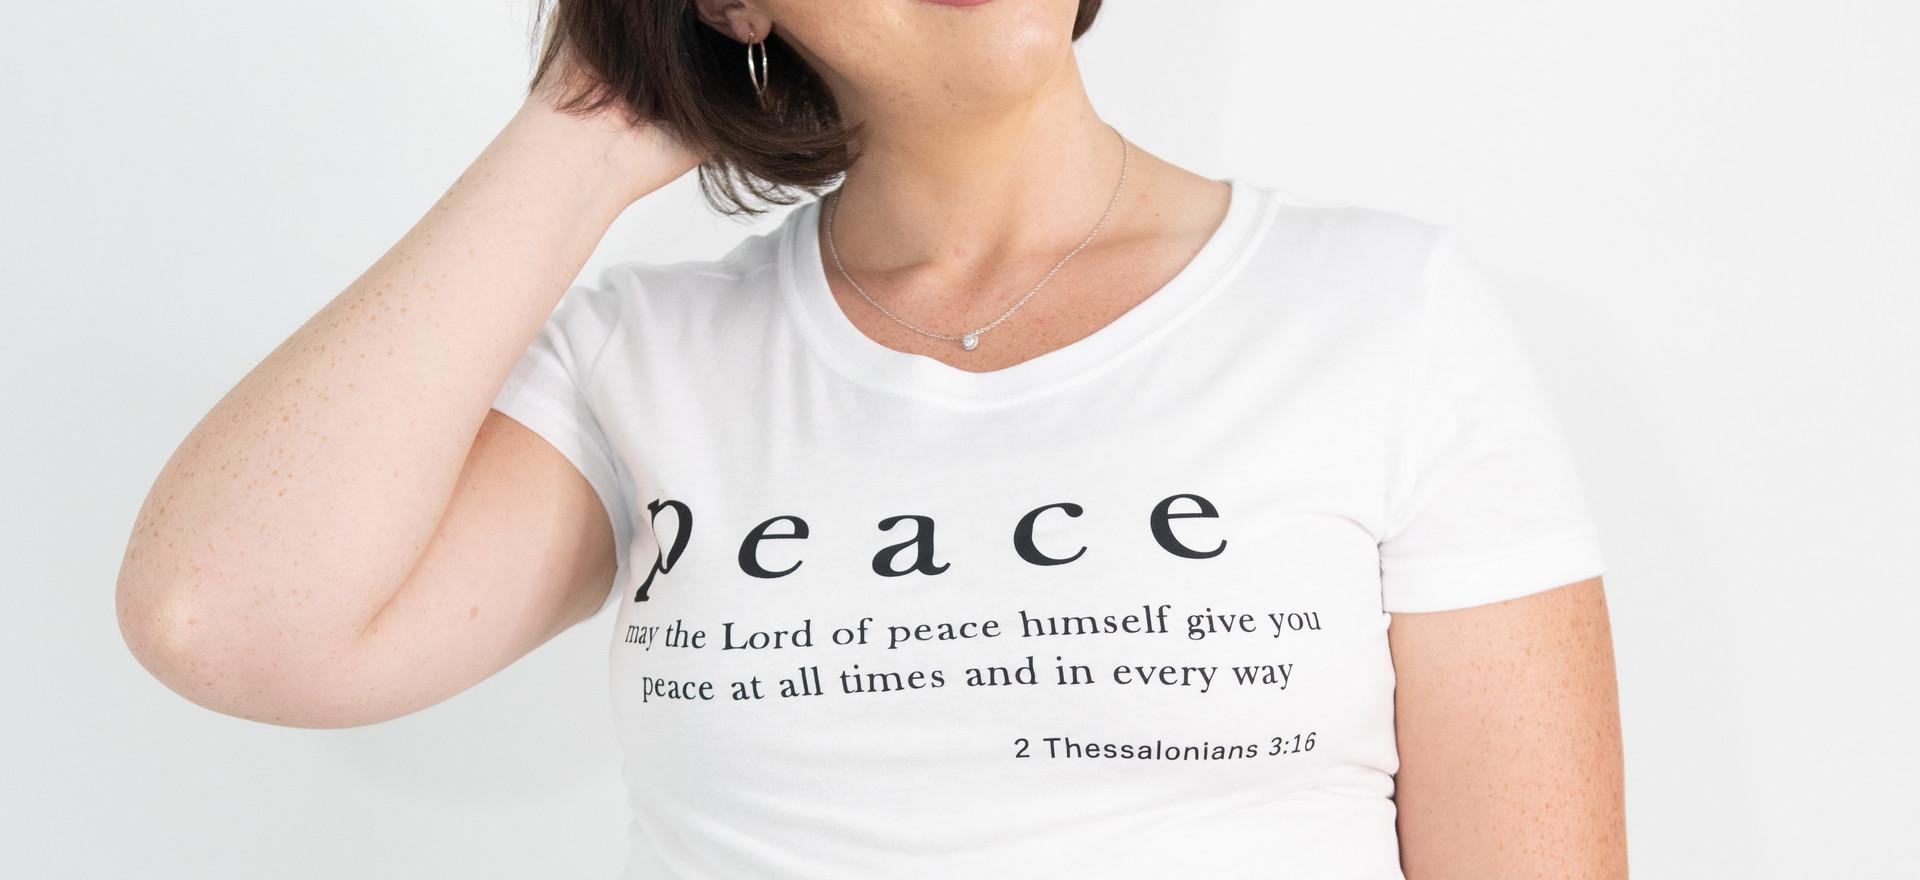 Scripture-Tshirt-Models-1486.JPG